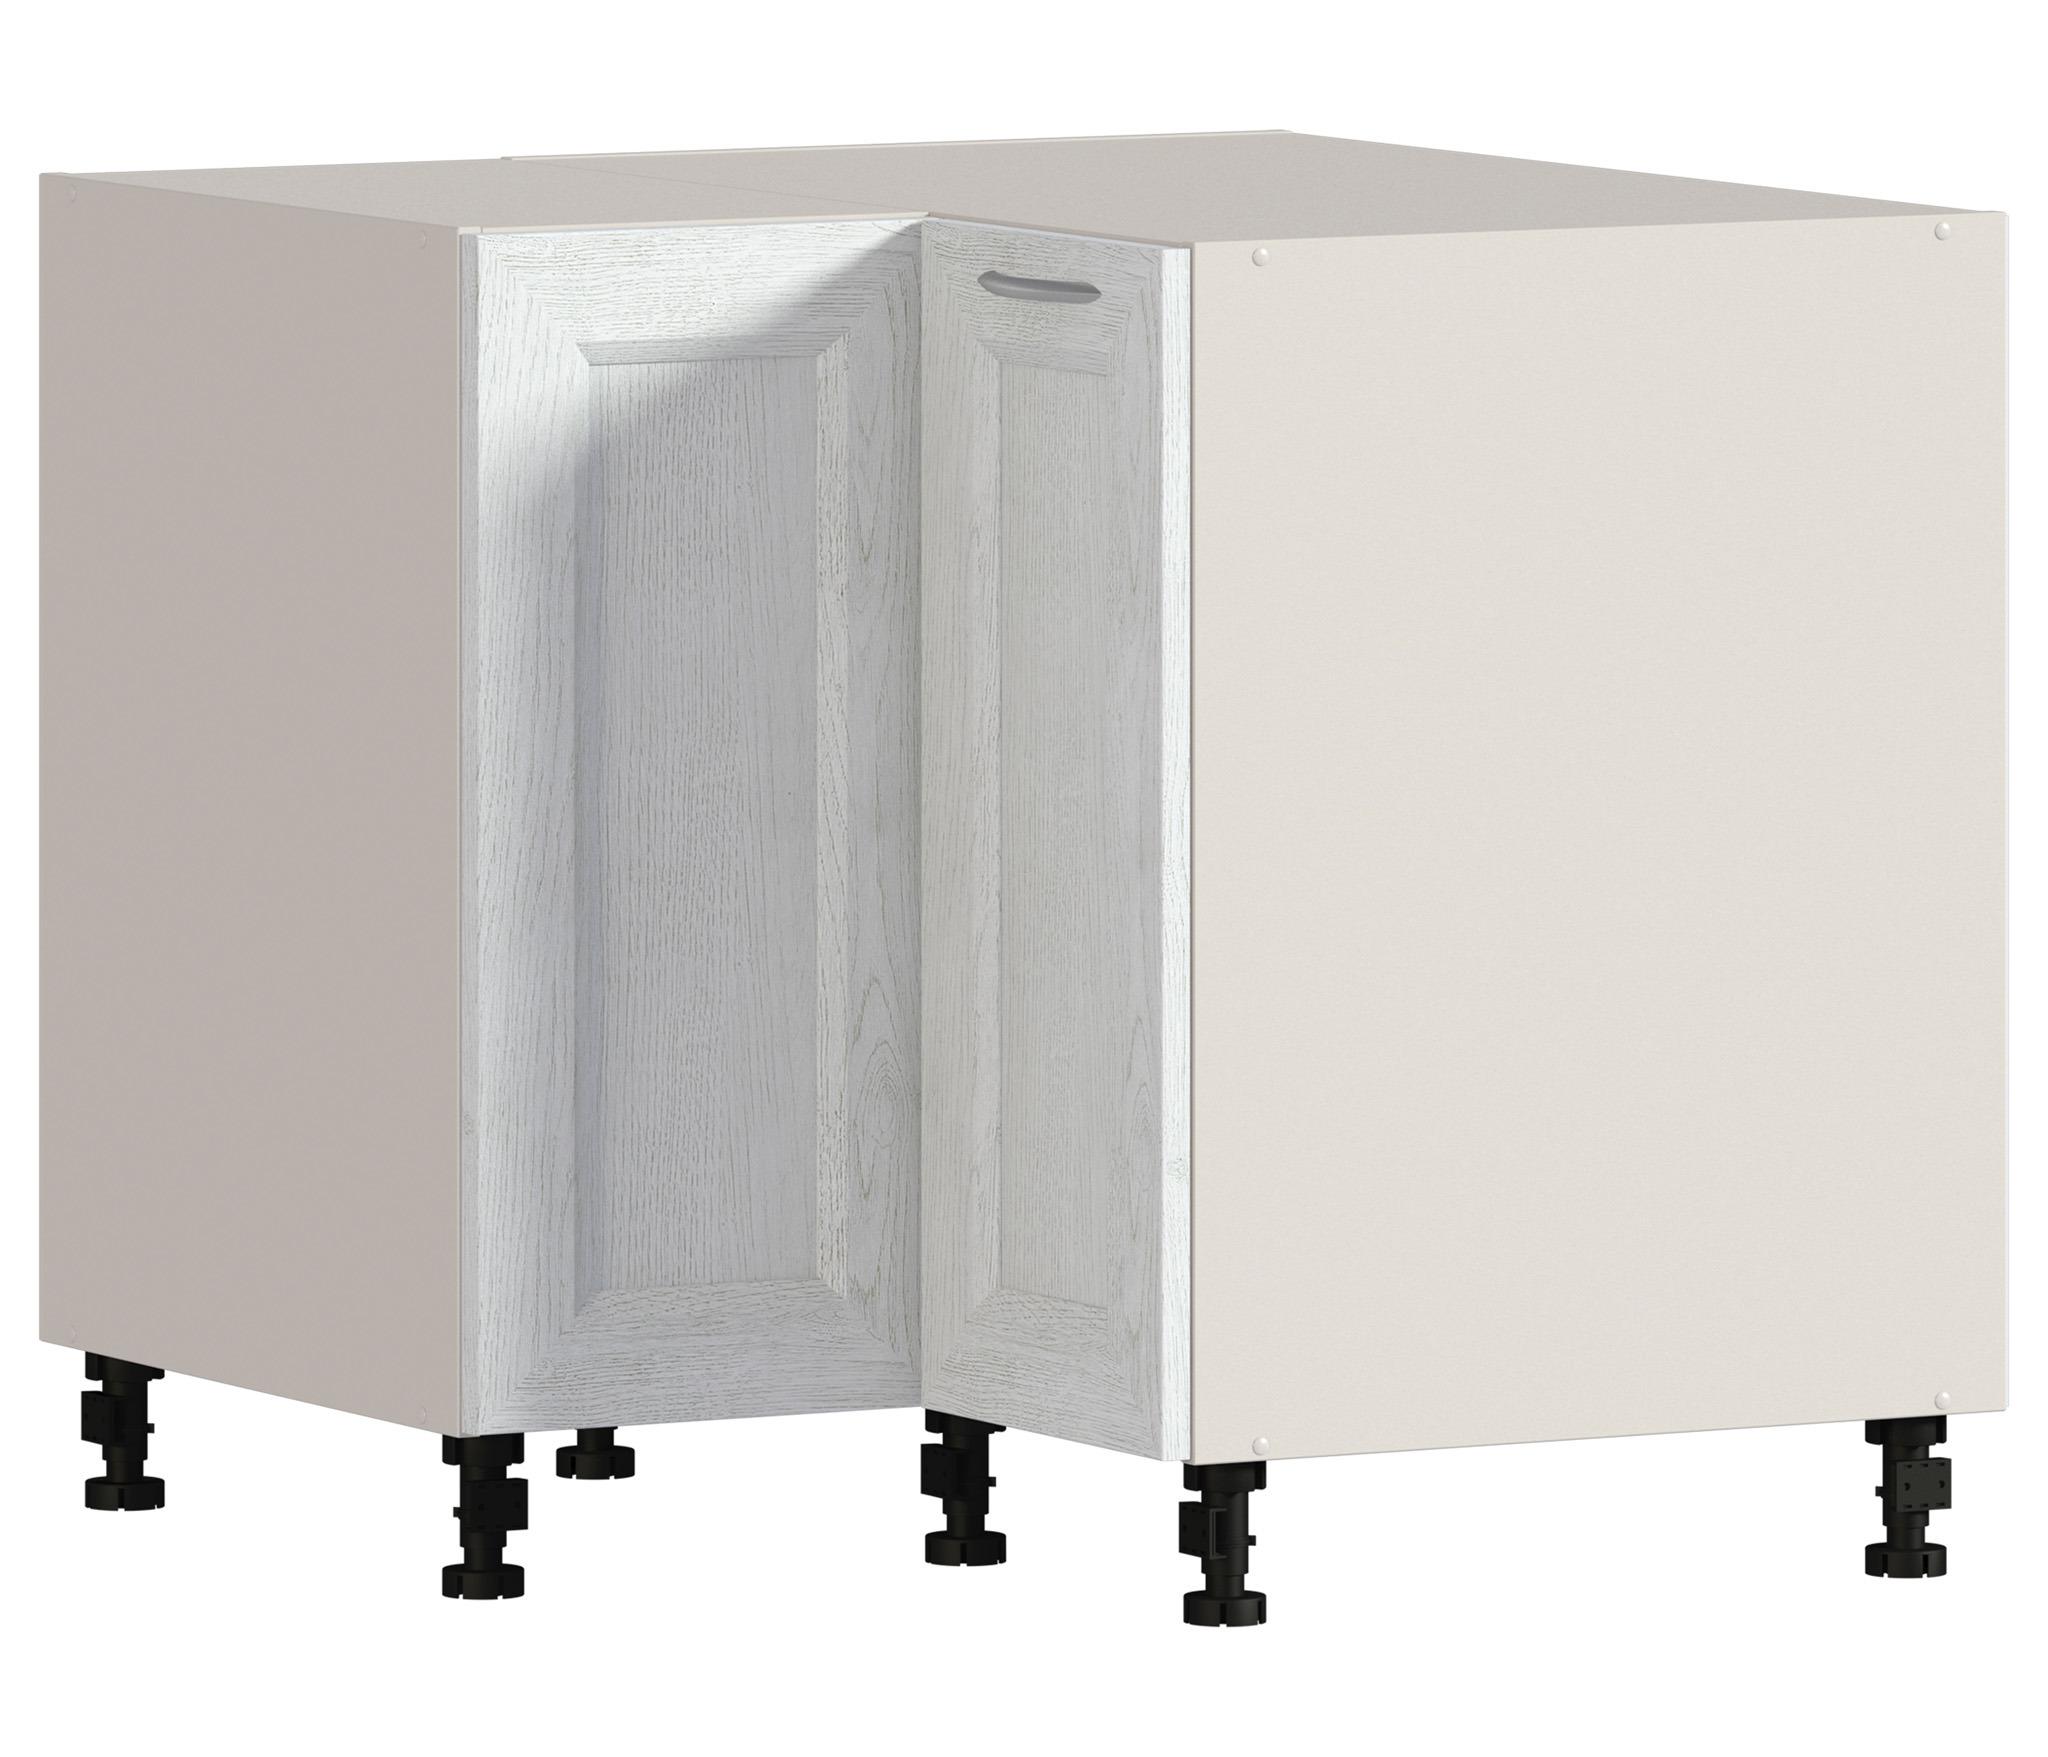 Регина РСУР-90 стол угловойГарнитуры<br>Угловой стол Регина РСУР-90 поможет увеличить рабочую зону, которую можно использовать для обработки продуктов или установки мелкой бытовой техники.<br><br>Длина мм: 887<br>Высота мм: 820<br>Глубина мм: 883